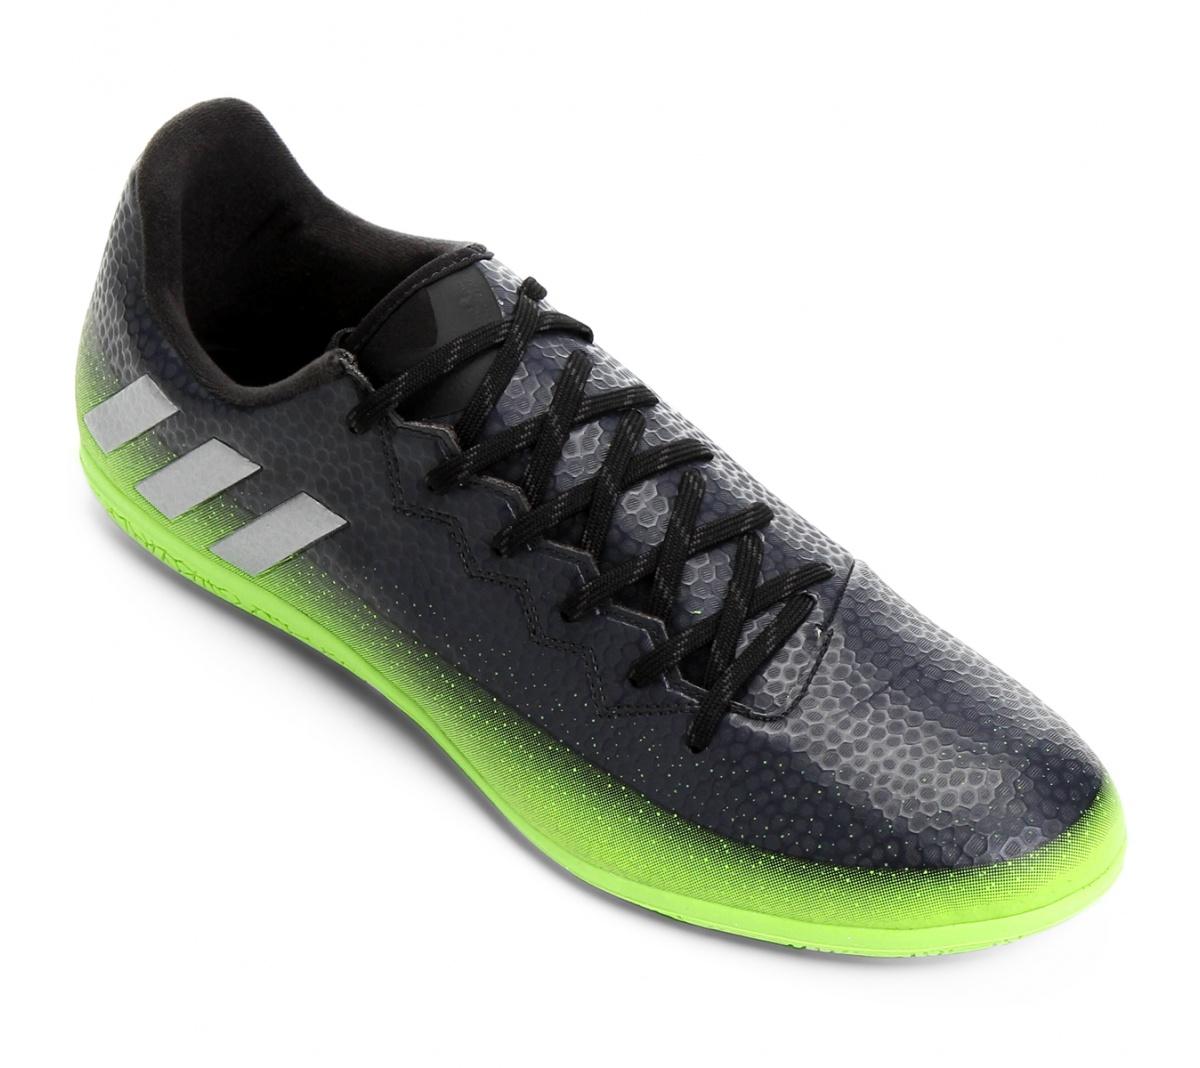 cb3a8cc0ec Tênis Adidas Messi 16.3 Futsal Pt Vd - Mundo do Futebol